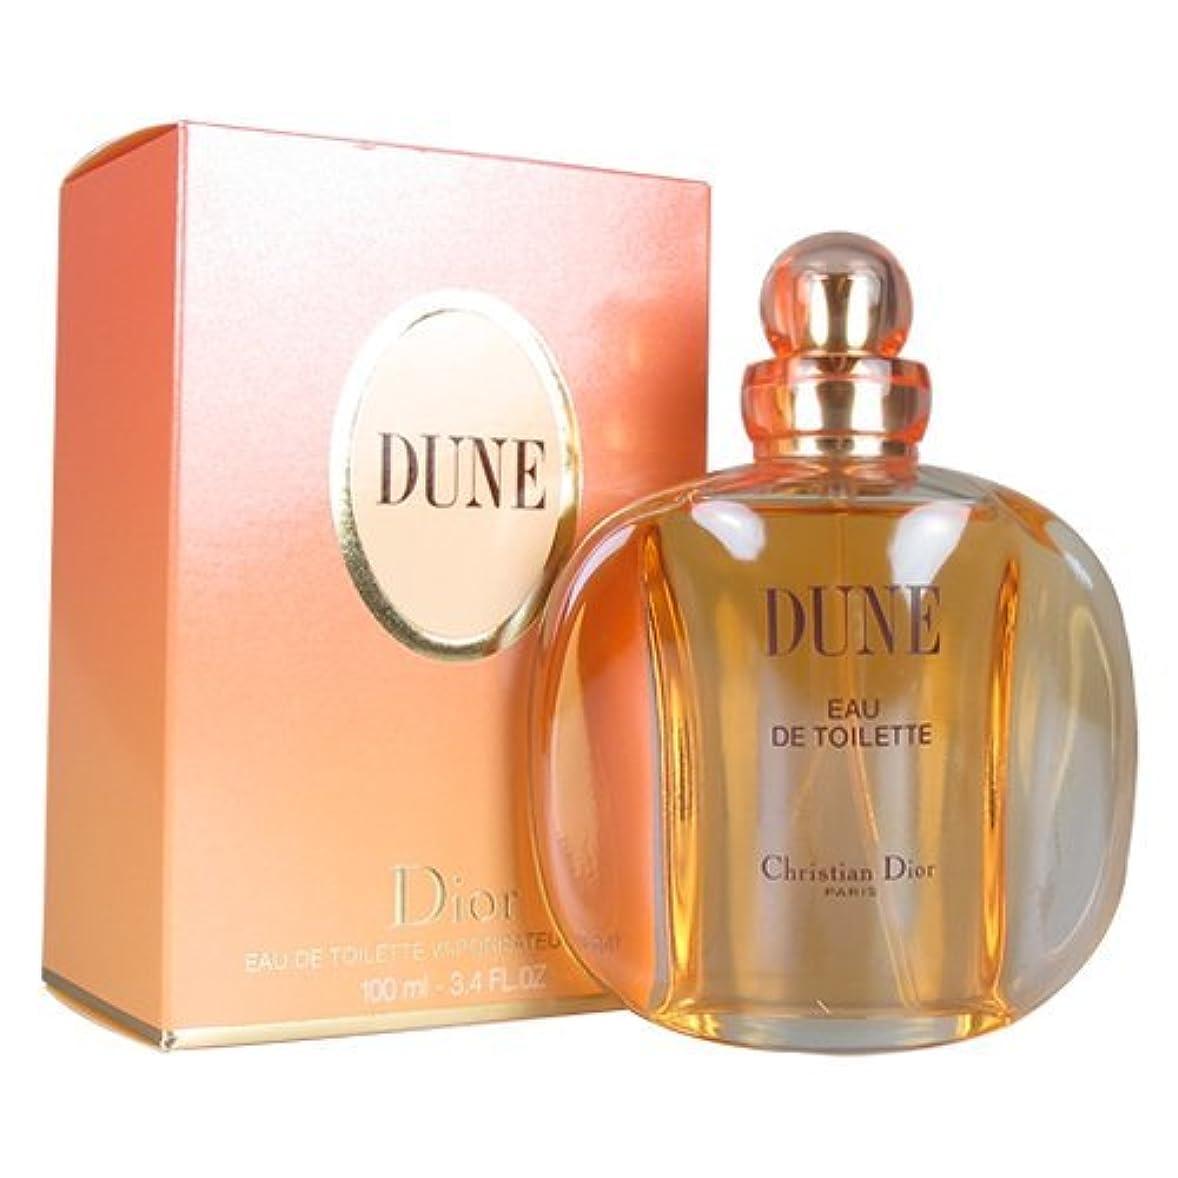 クリスチャン ディオール(Christian Dior) デューン オードゥ トワレ 100ml[並行輸入品]